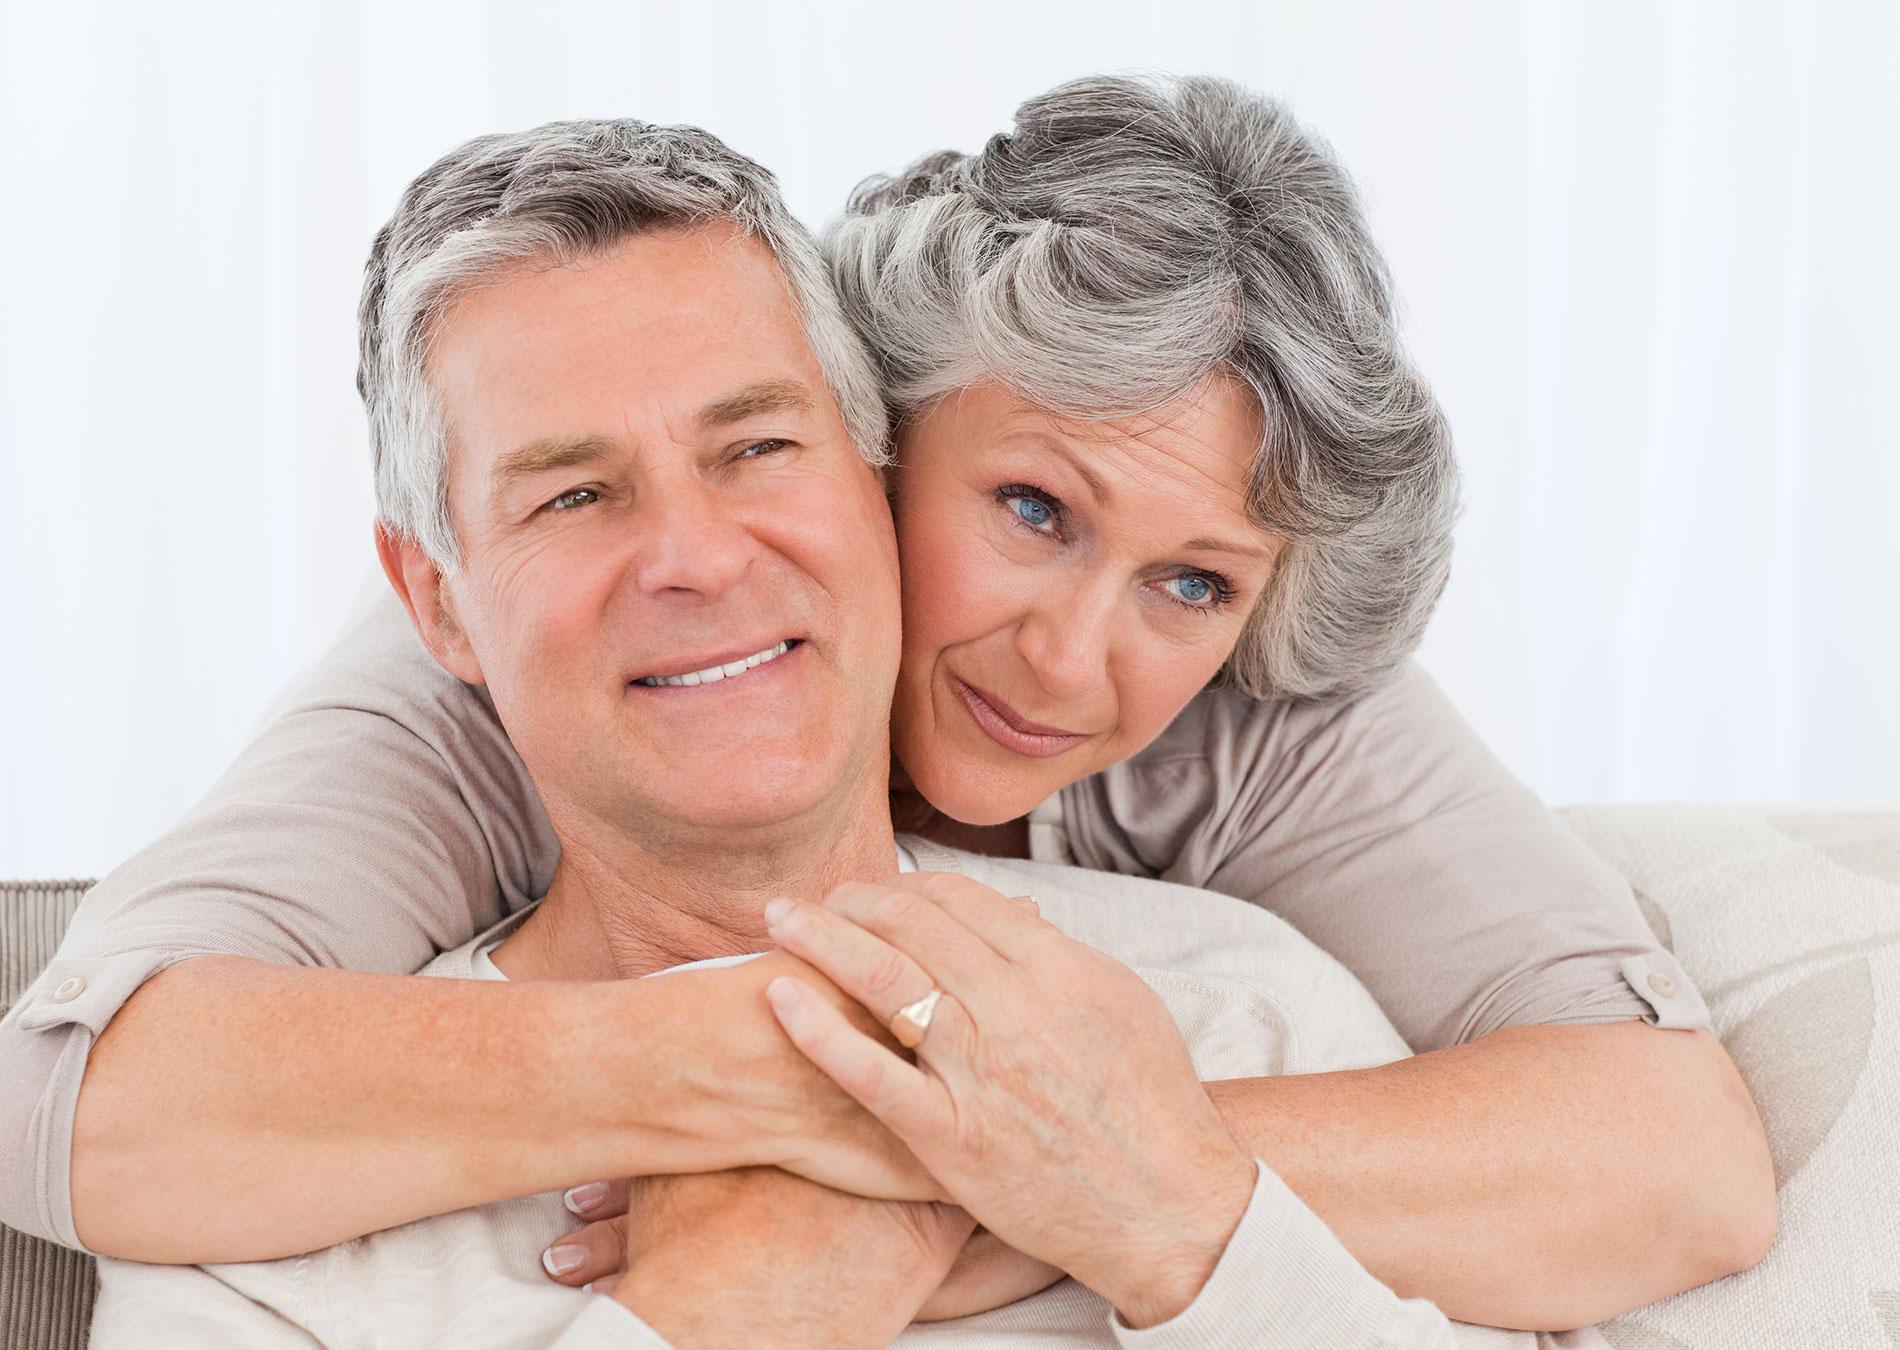 Сотреть бесплатно фото пожилых женщин 1 фотография